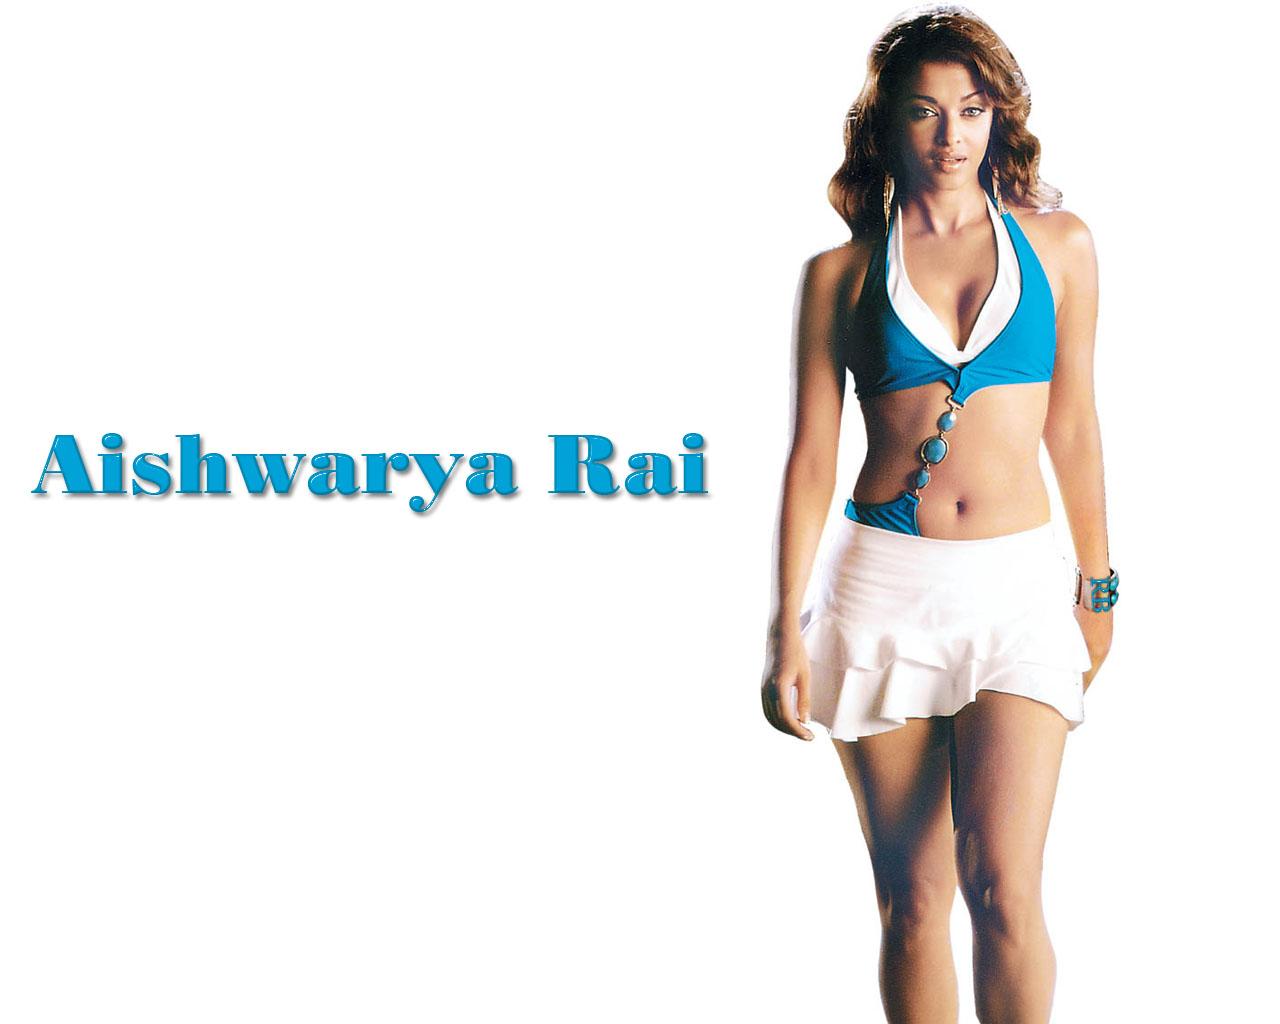 aishwarya rai dhoom 2 | i miss u